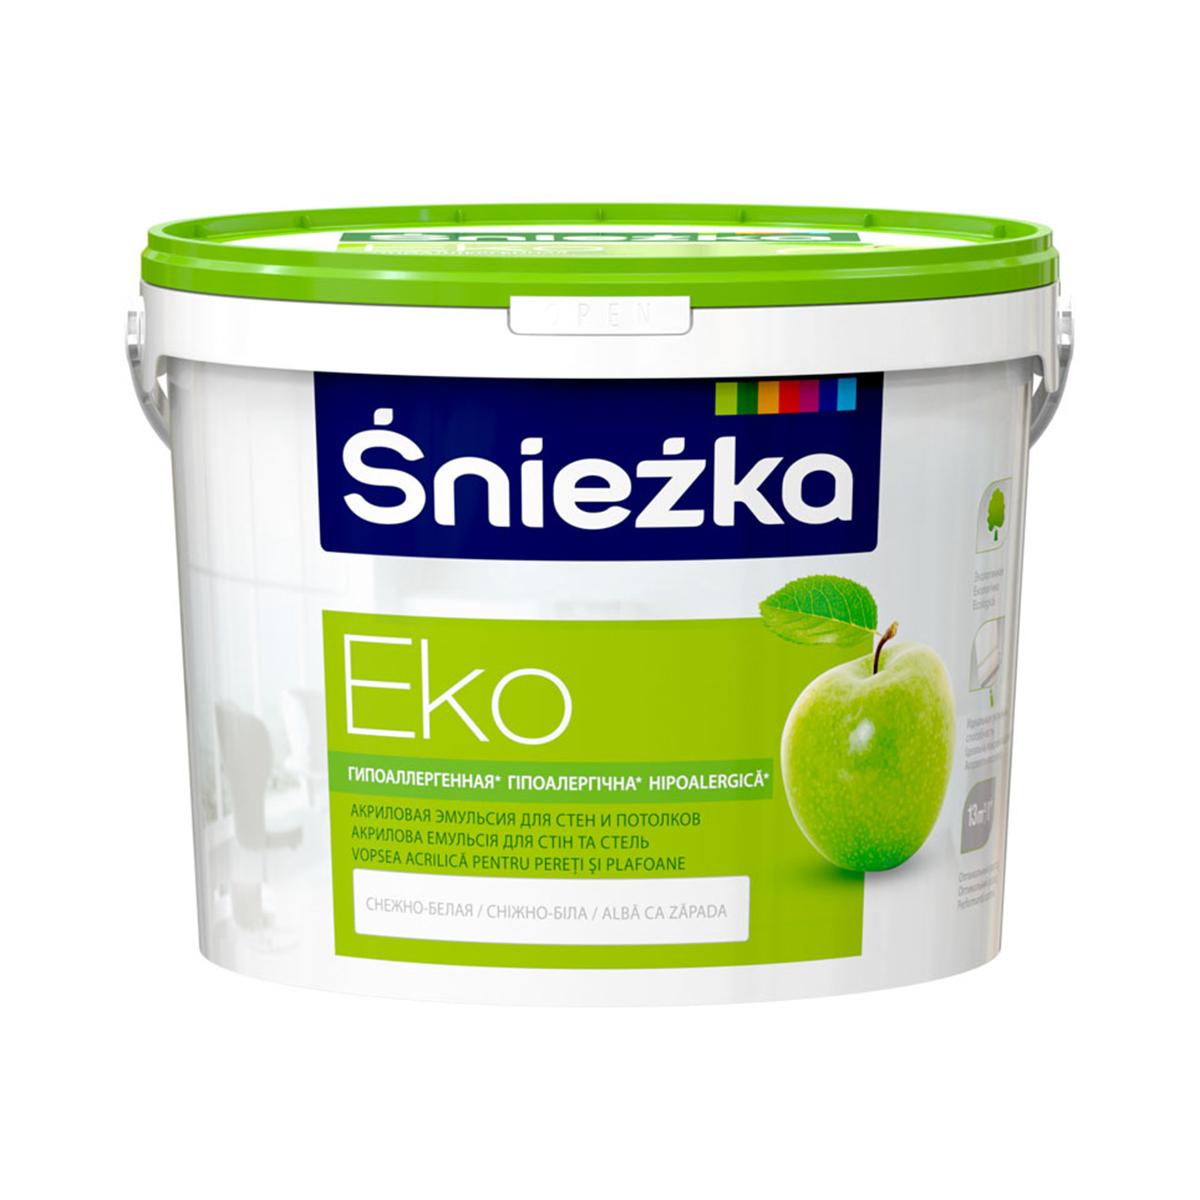 Интерьерная краска для стен и потолка Sniezka Eko белая 14кг